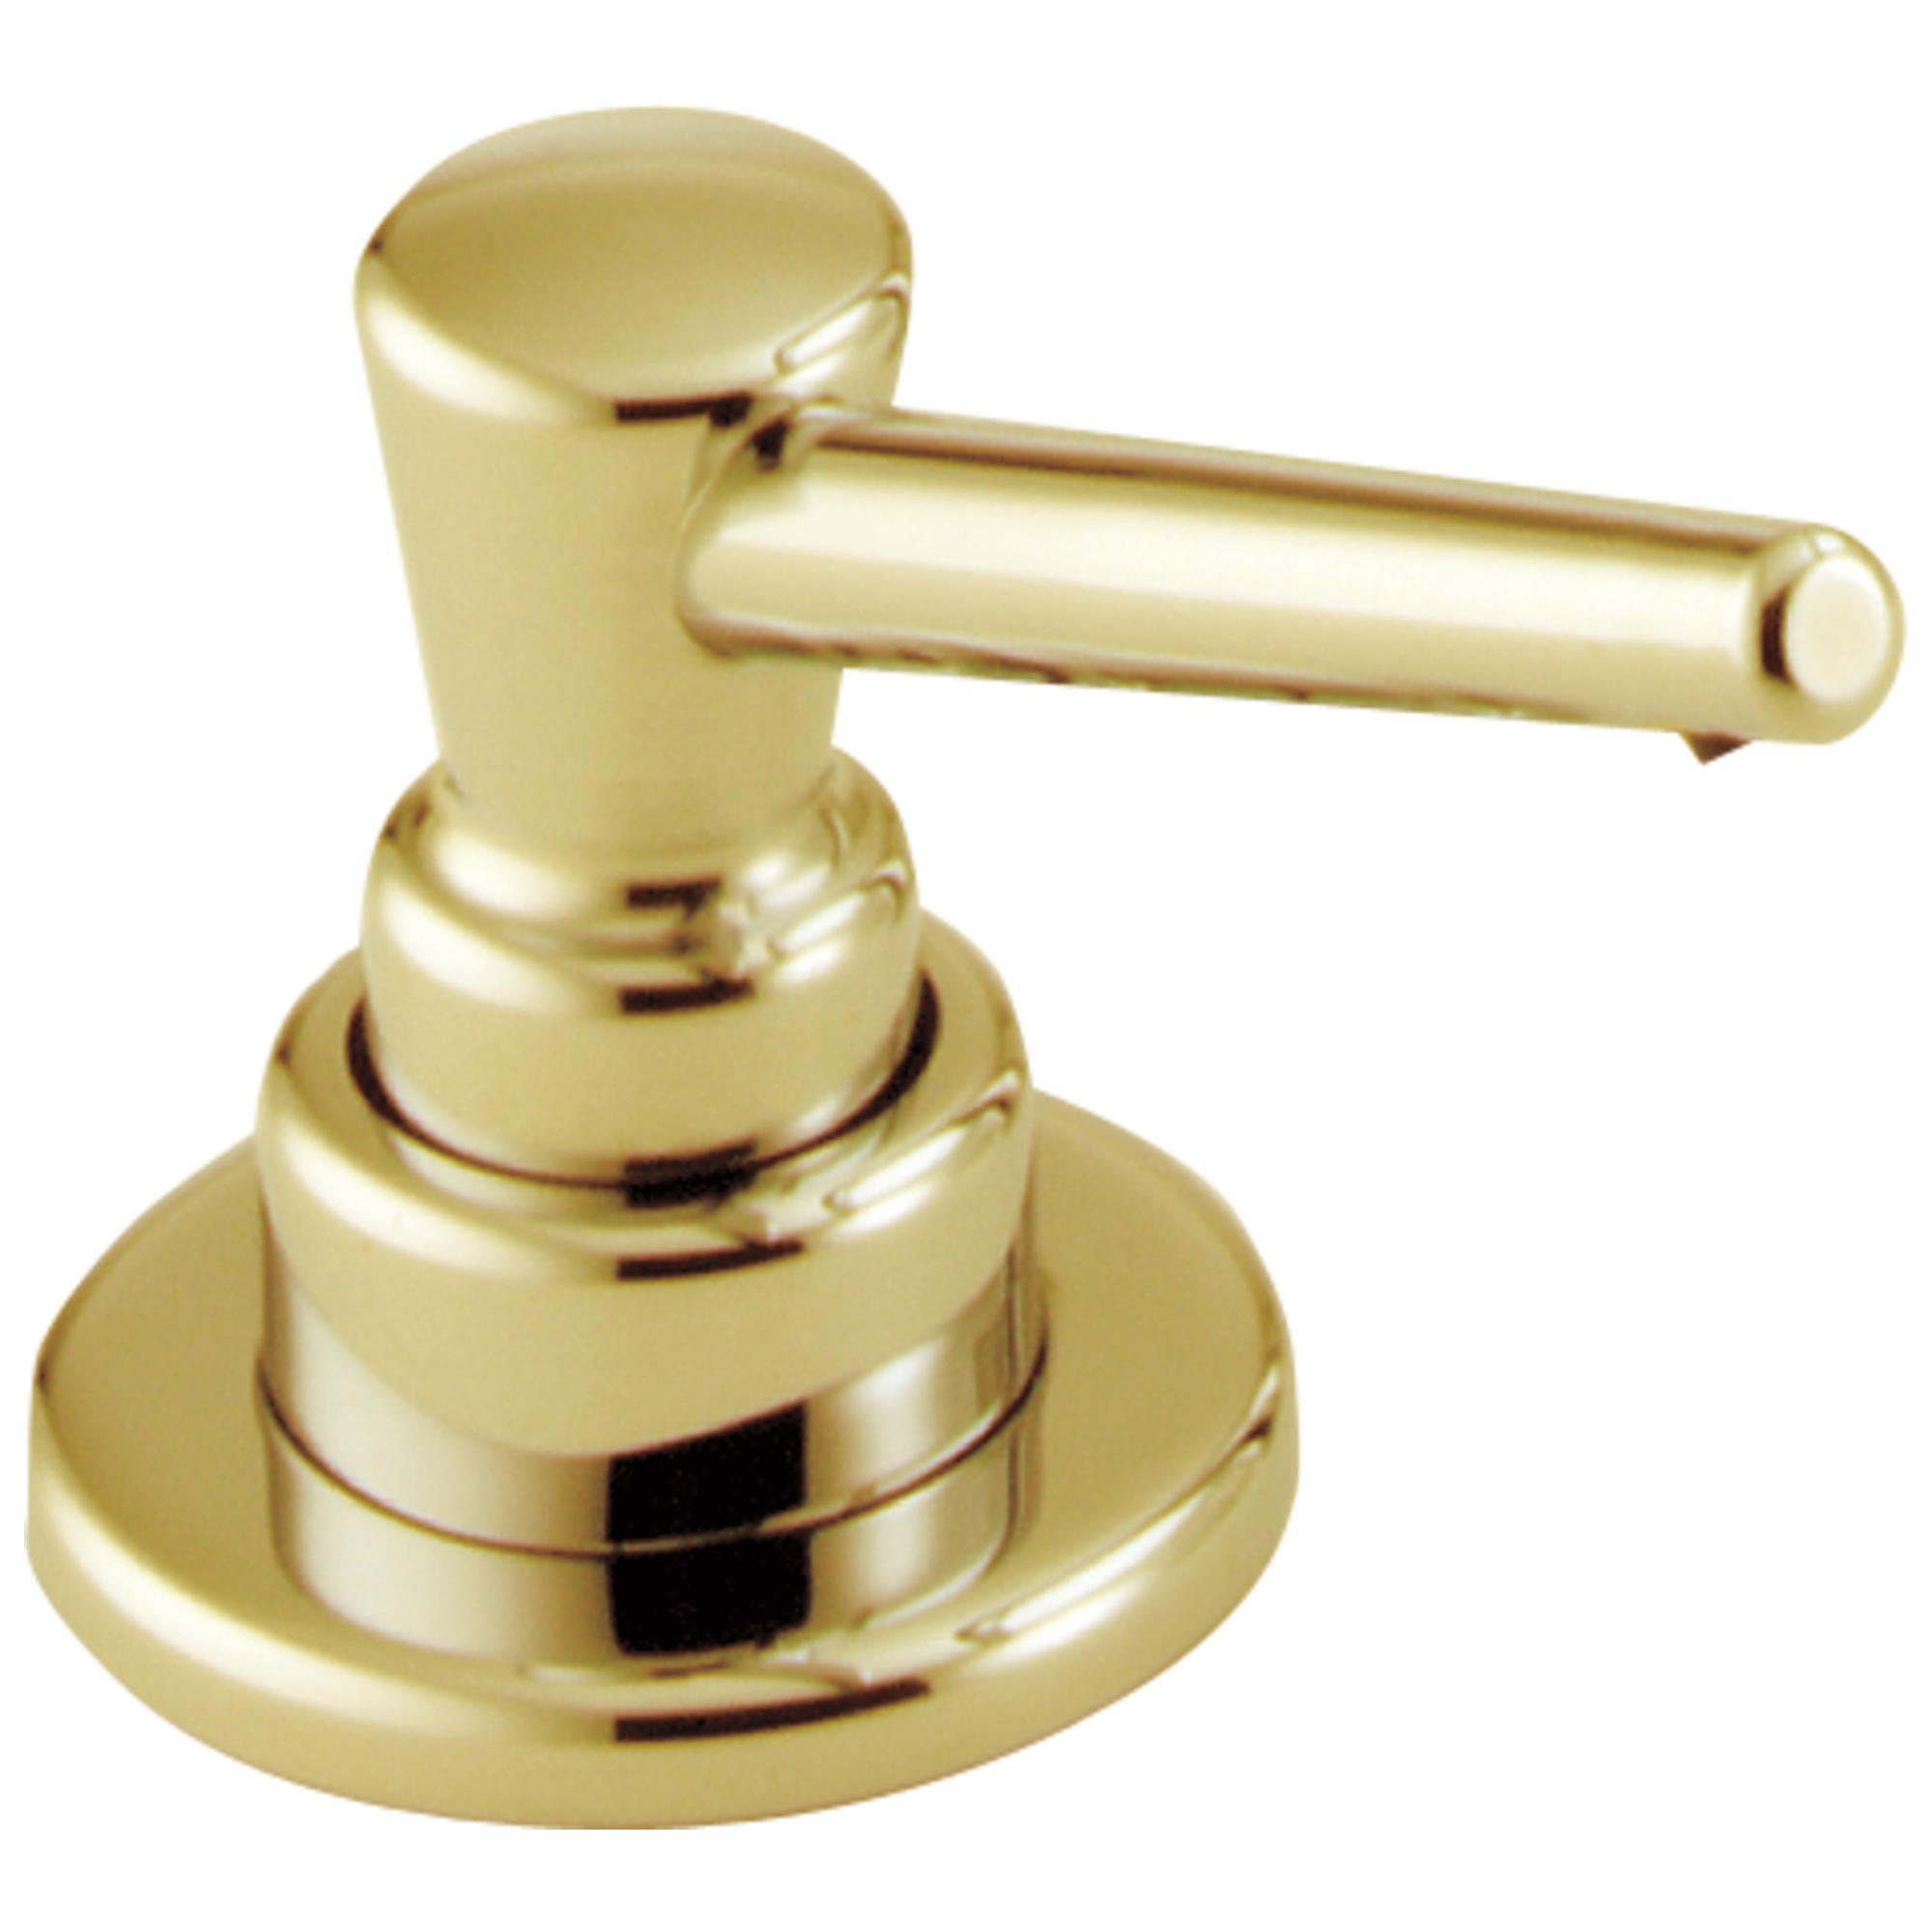 DELTA® RP1001PB Transitional Soap/Lotion Dispenser, 13 oz Bottle, Deck Mount, Plastic, Domestic